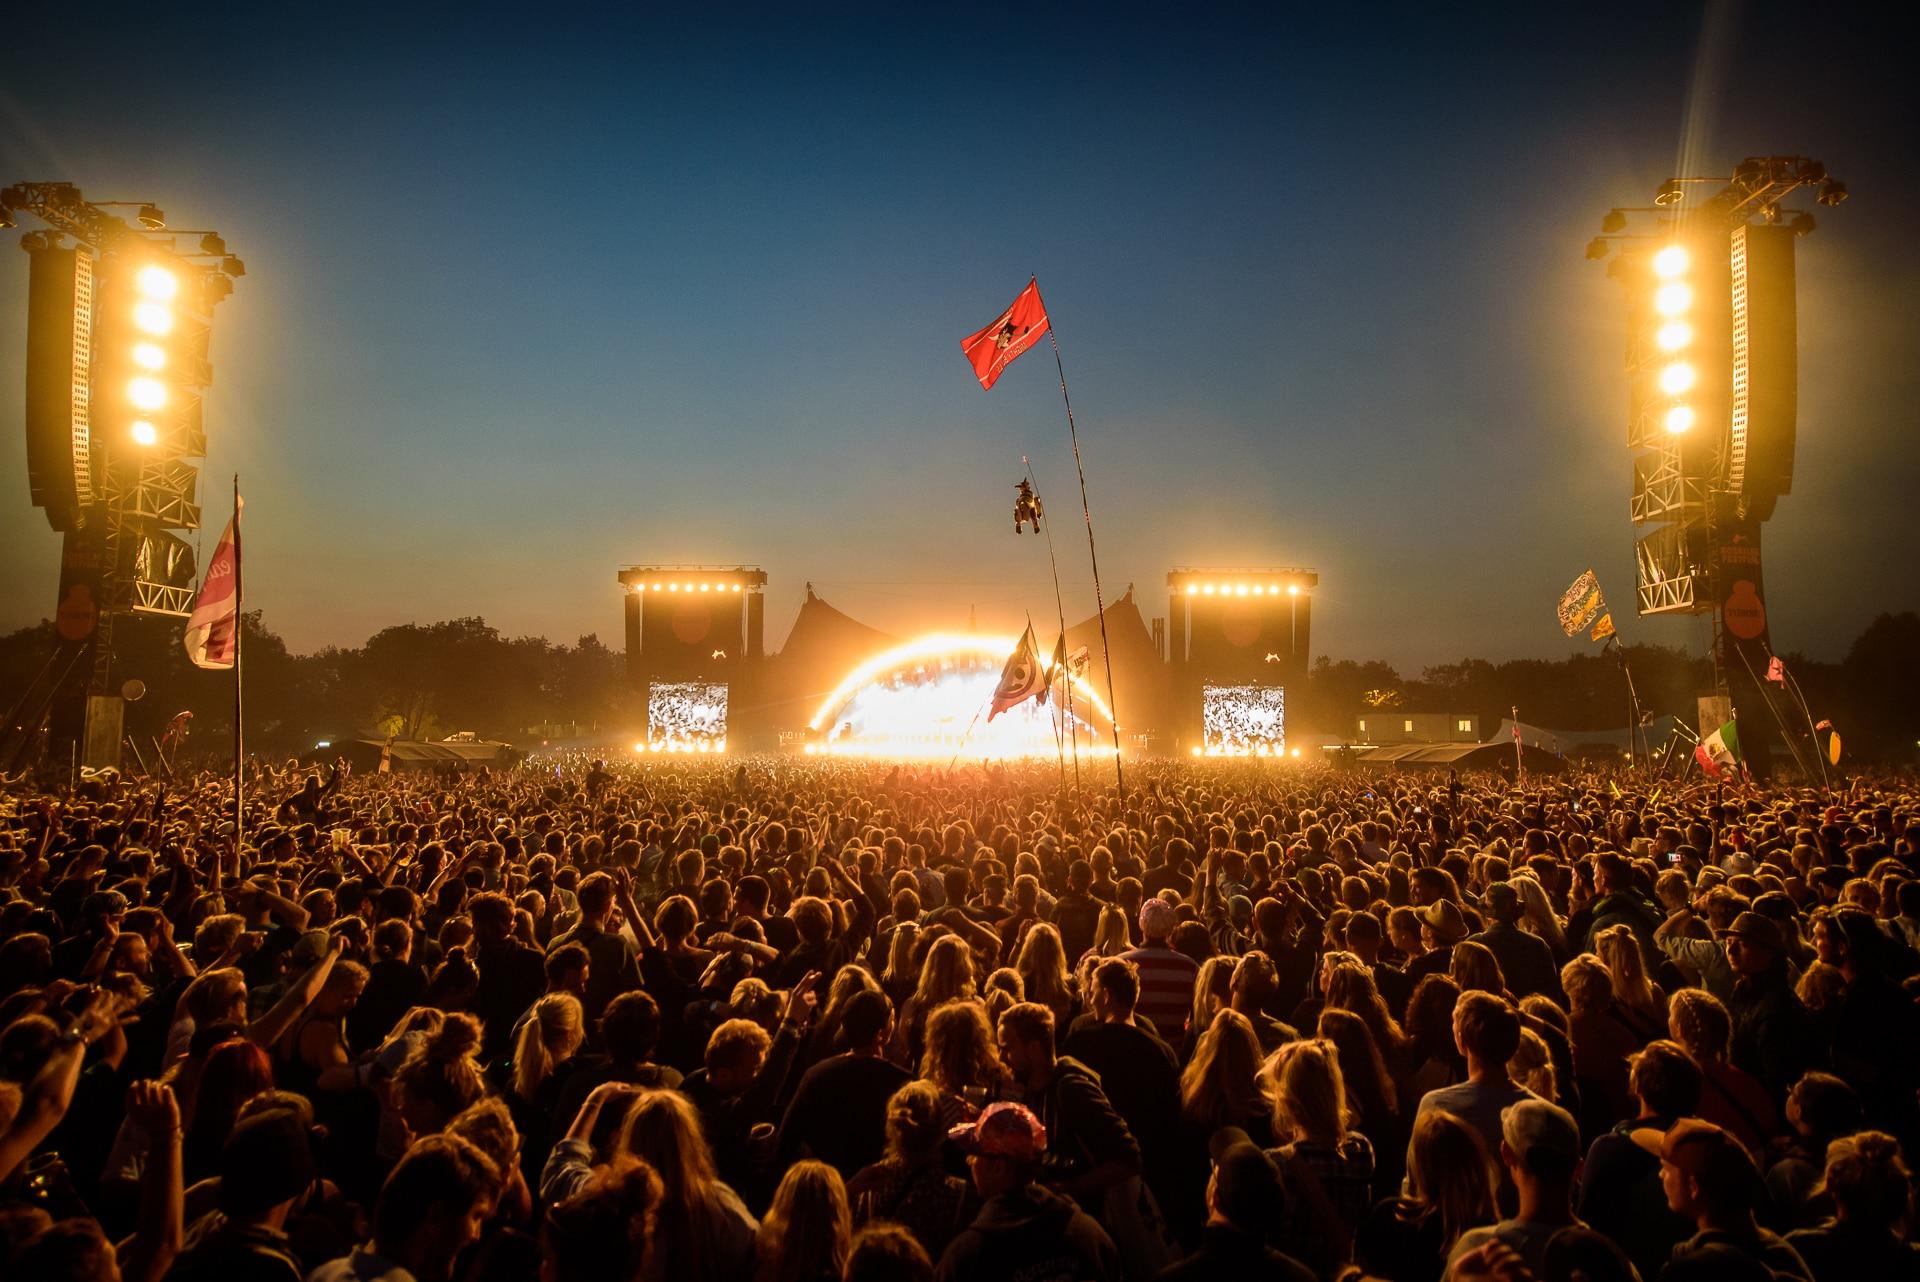 Festival de música Roskilde